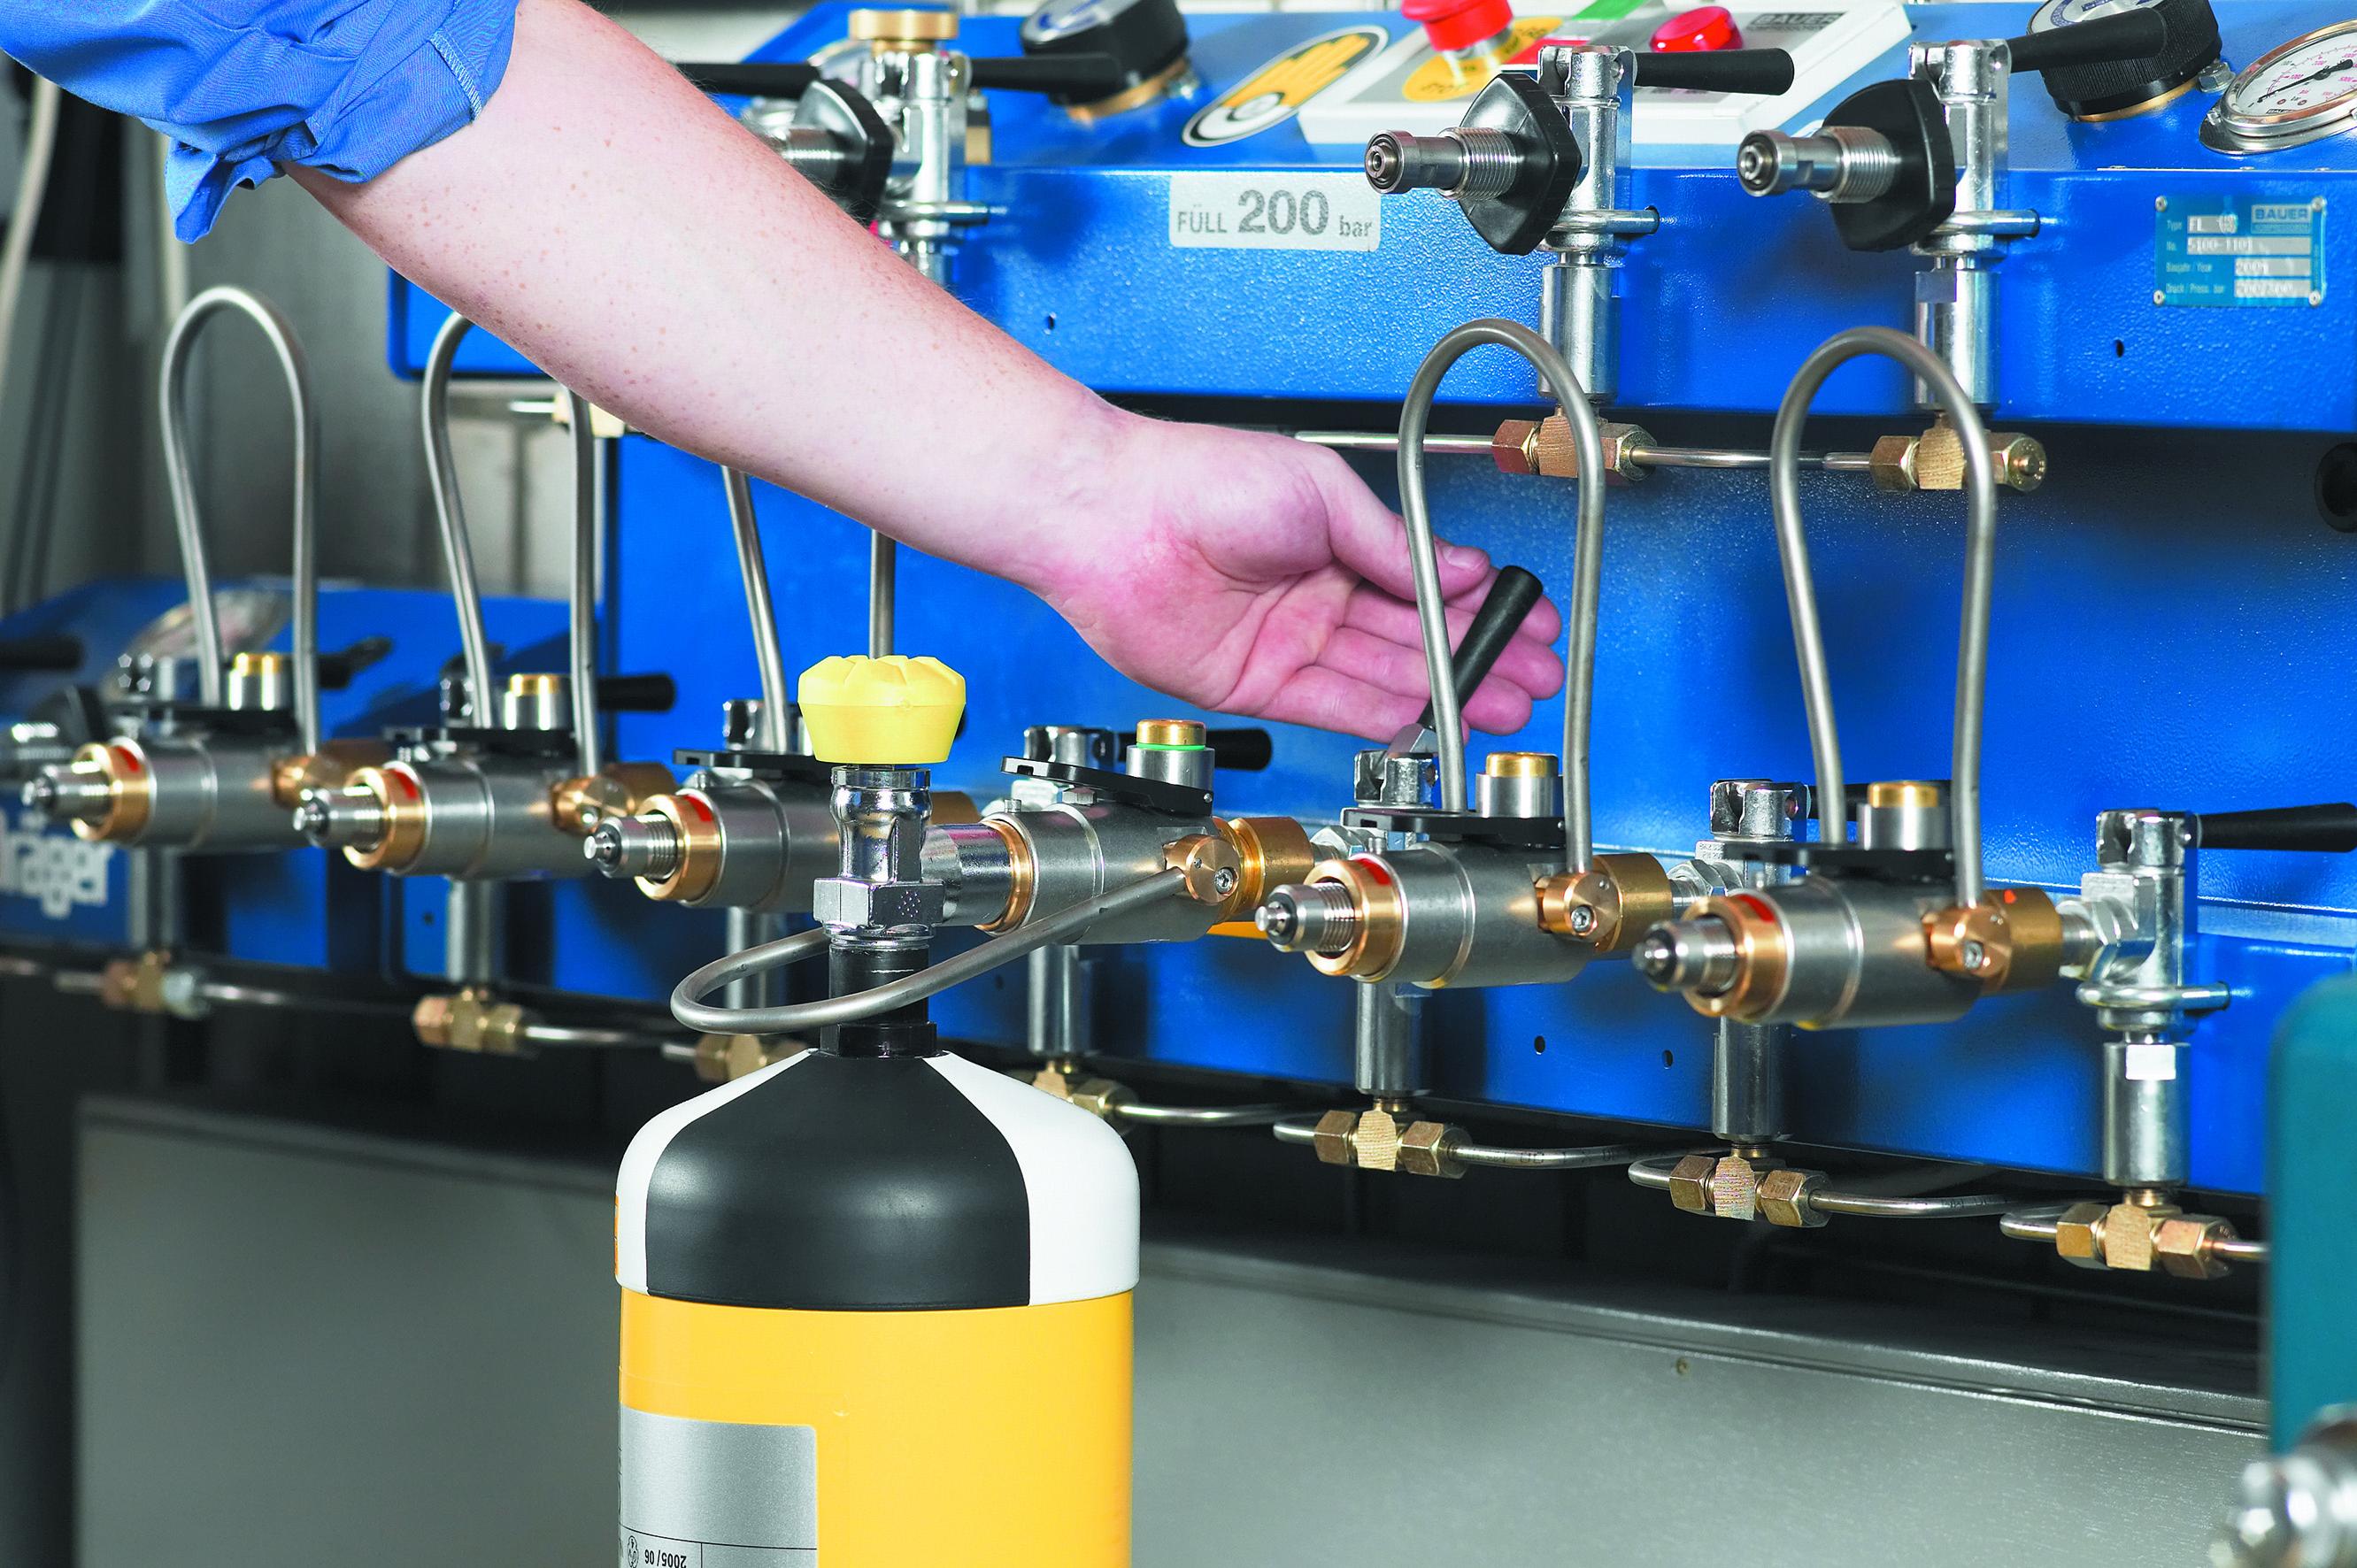 Einfach und Sicher – Atemluftflaschen und Pressluftatmer füllen oder prüfen